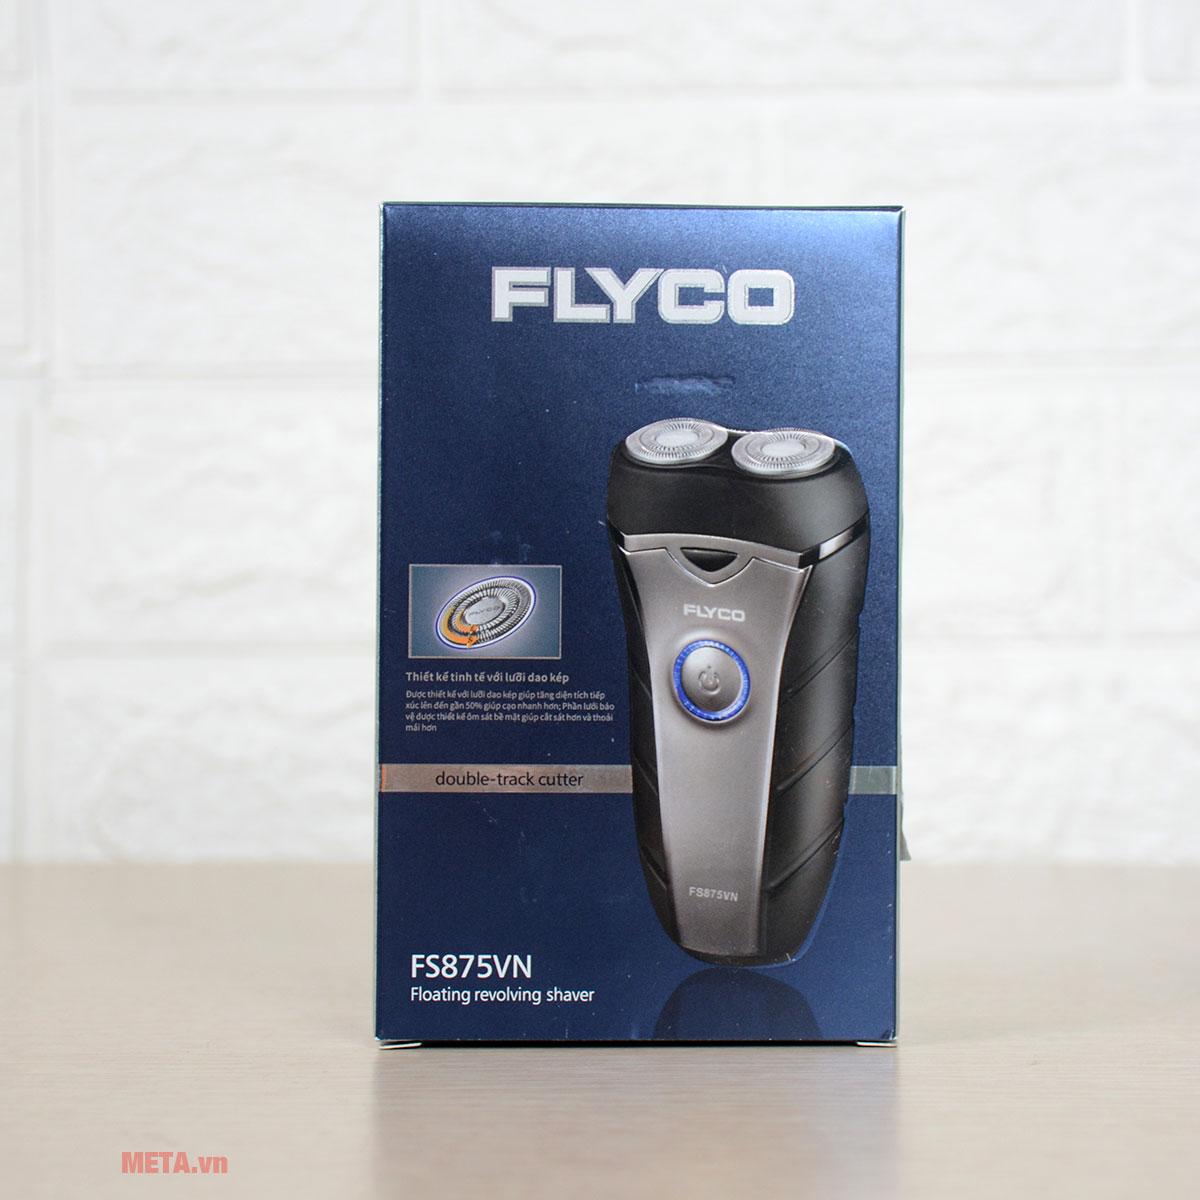 Hình ảnh máy cạo râu Flyco FS-875VN